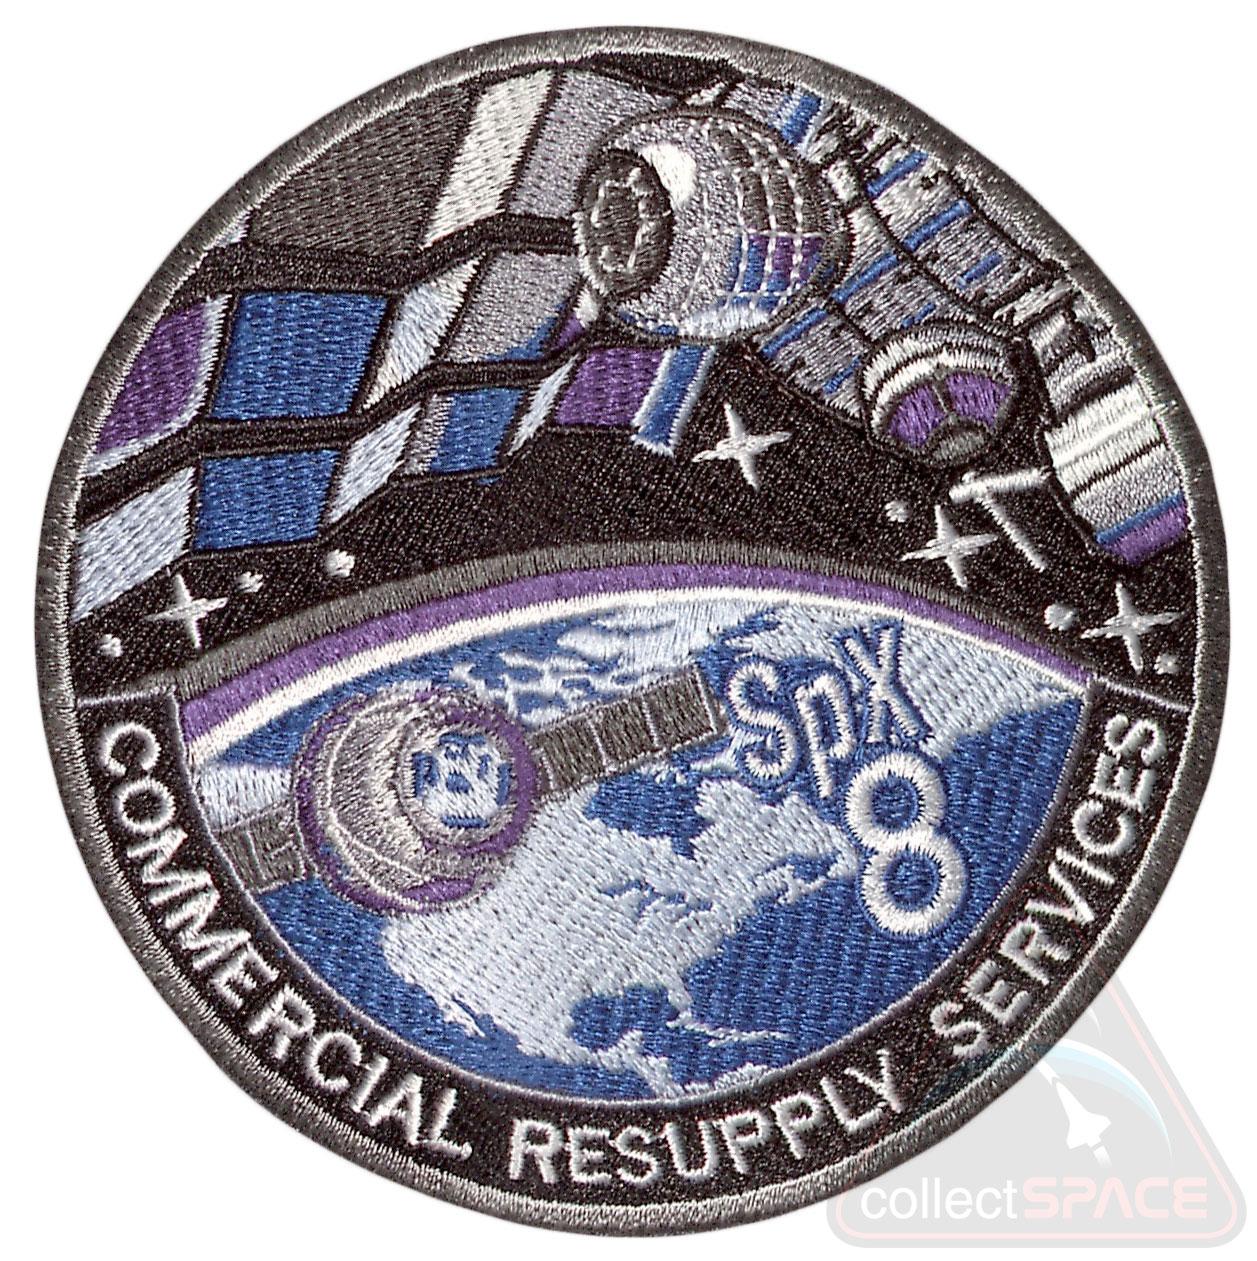 nasa flight insignia - photo #43